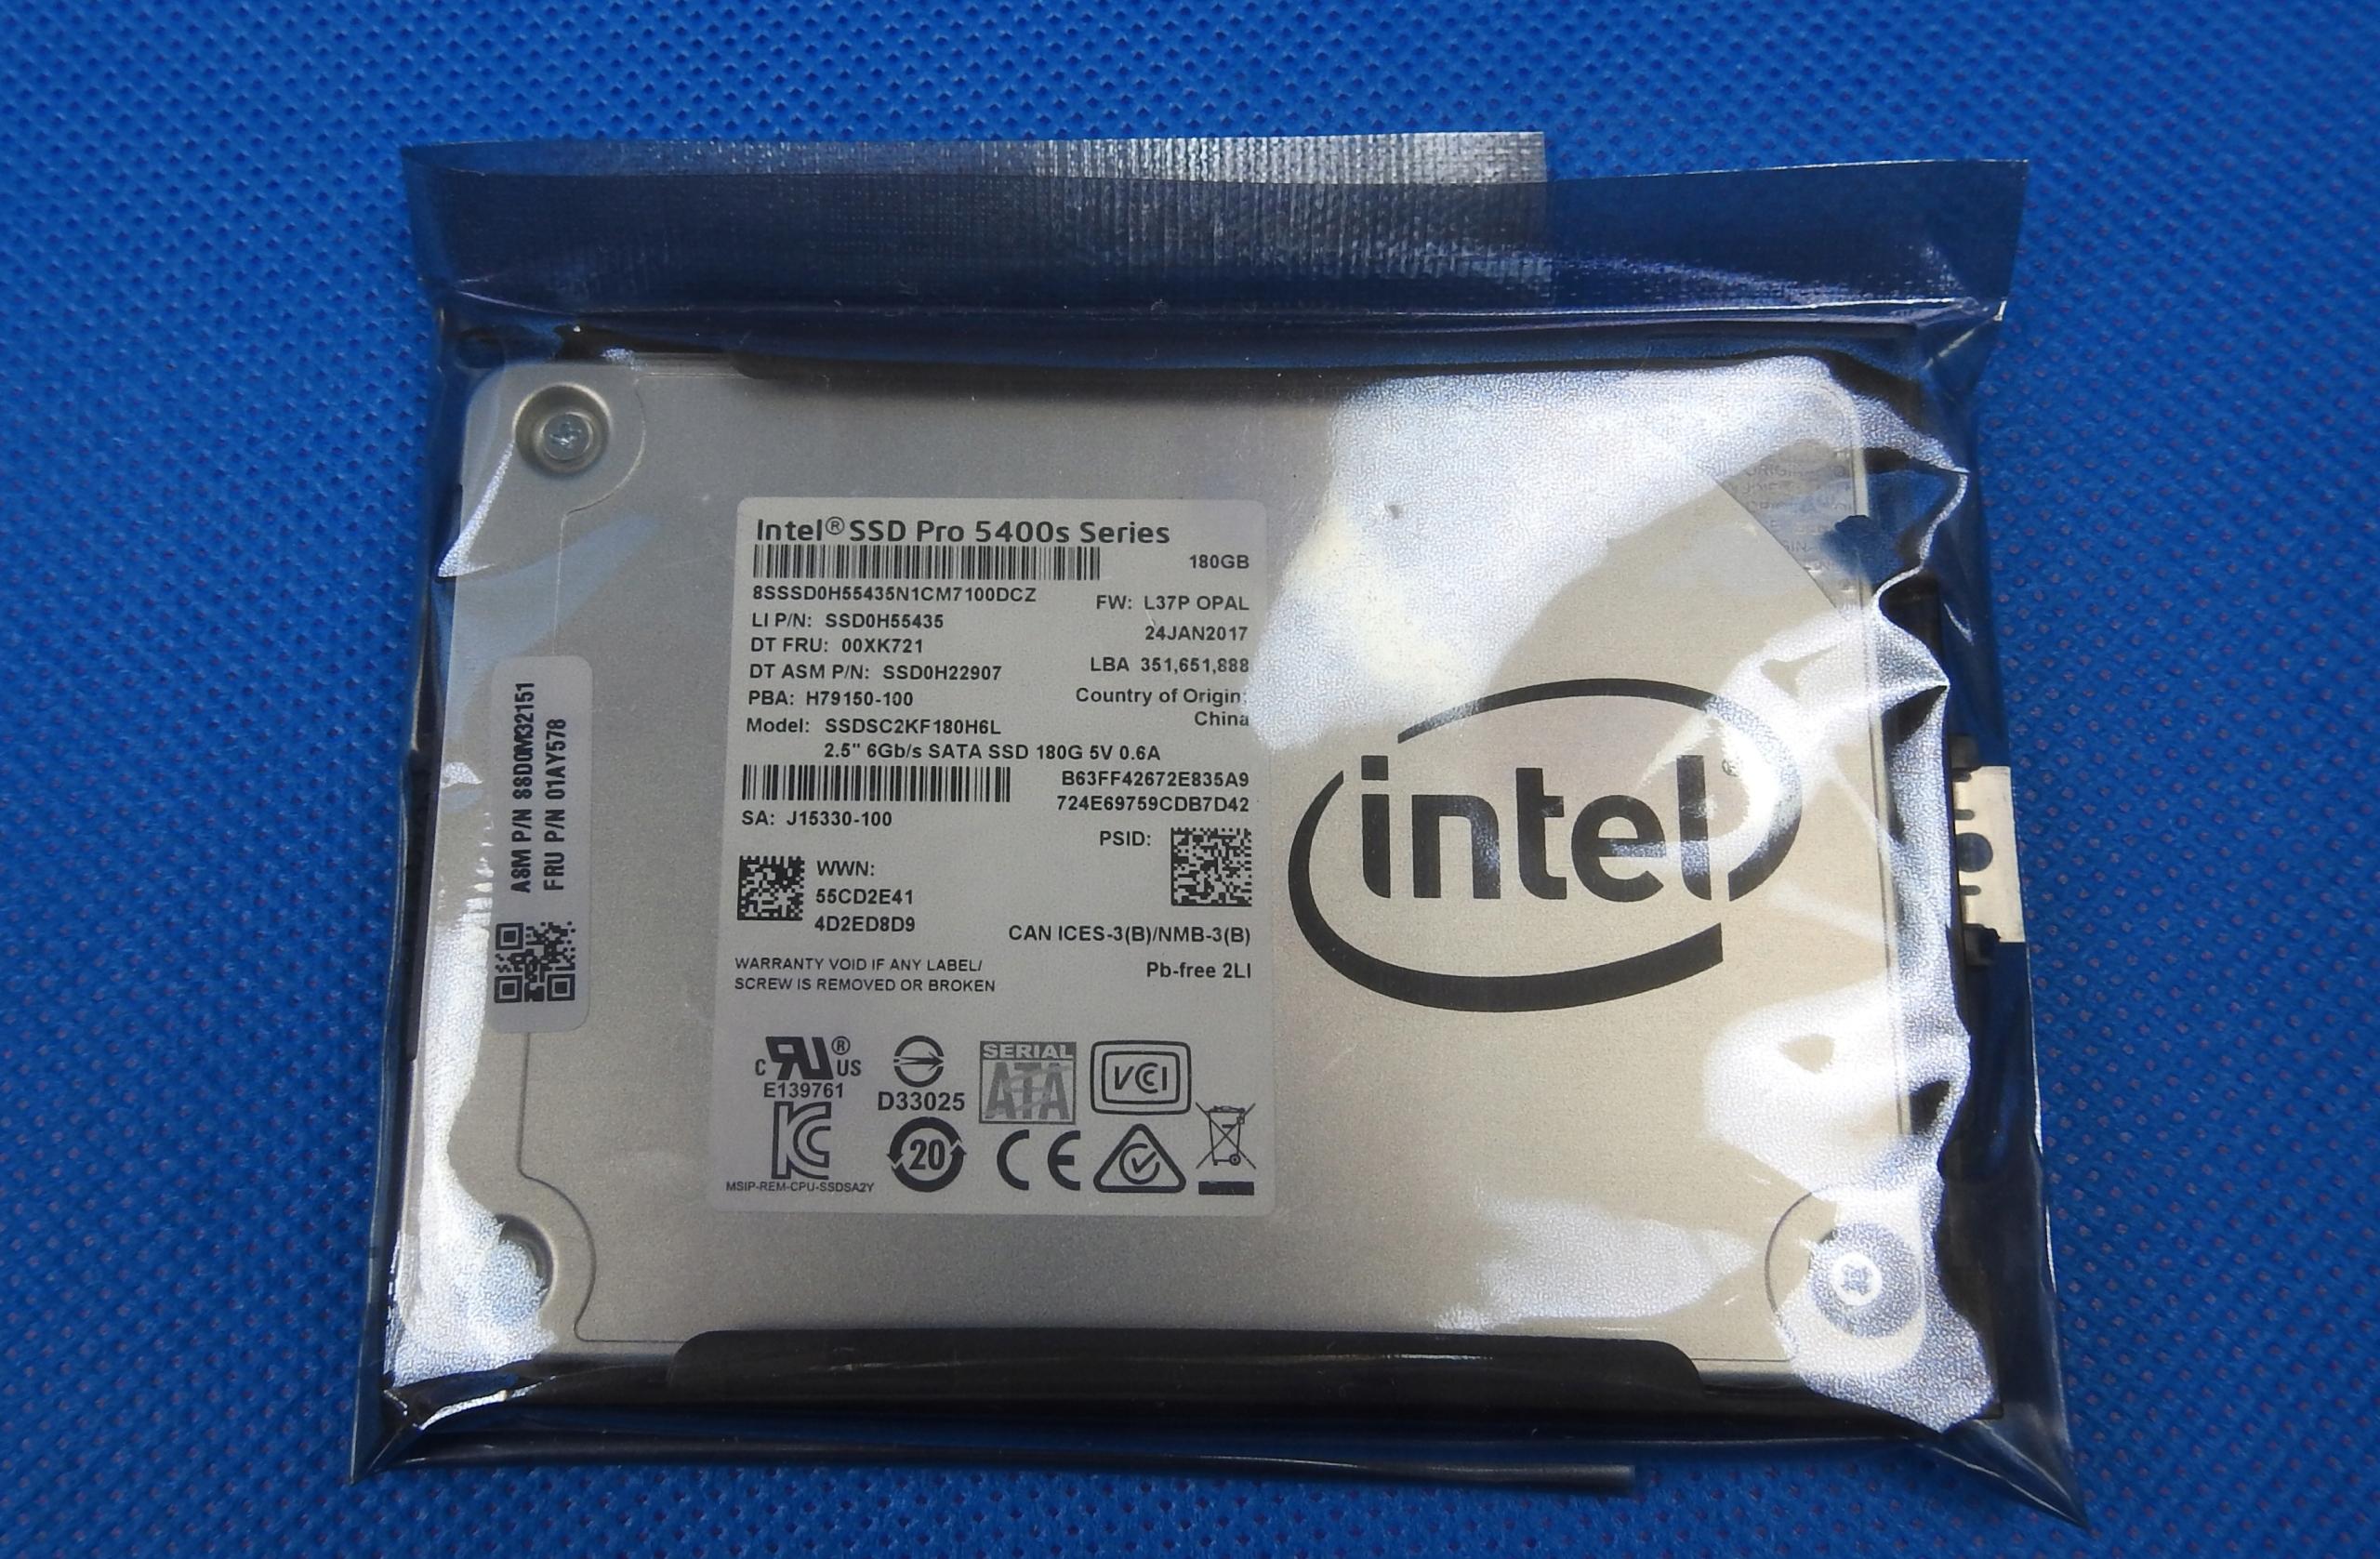 Dysk SSD Intel SSD Pro 5400s 180GB 475/560MBs